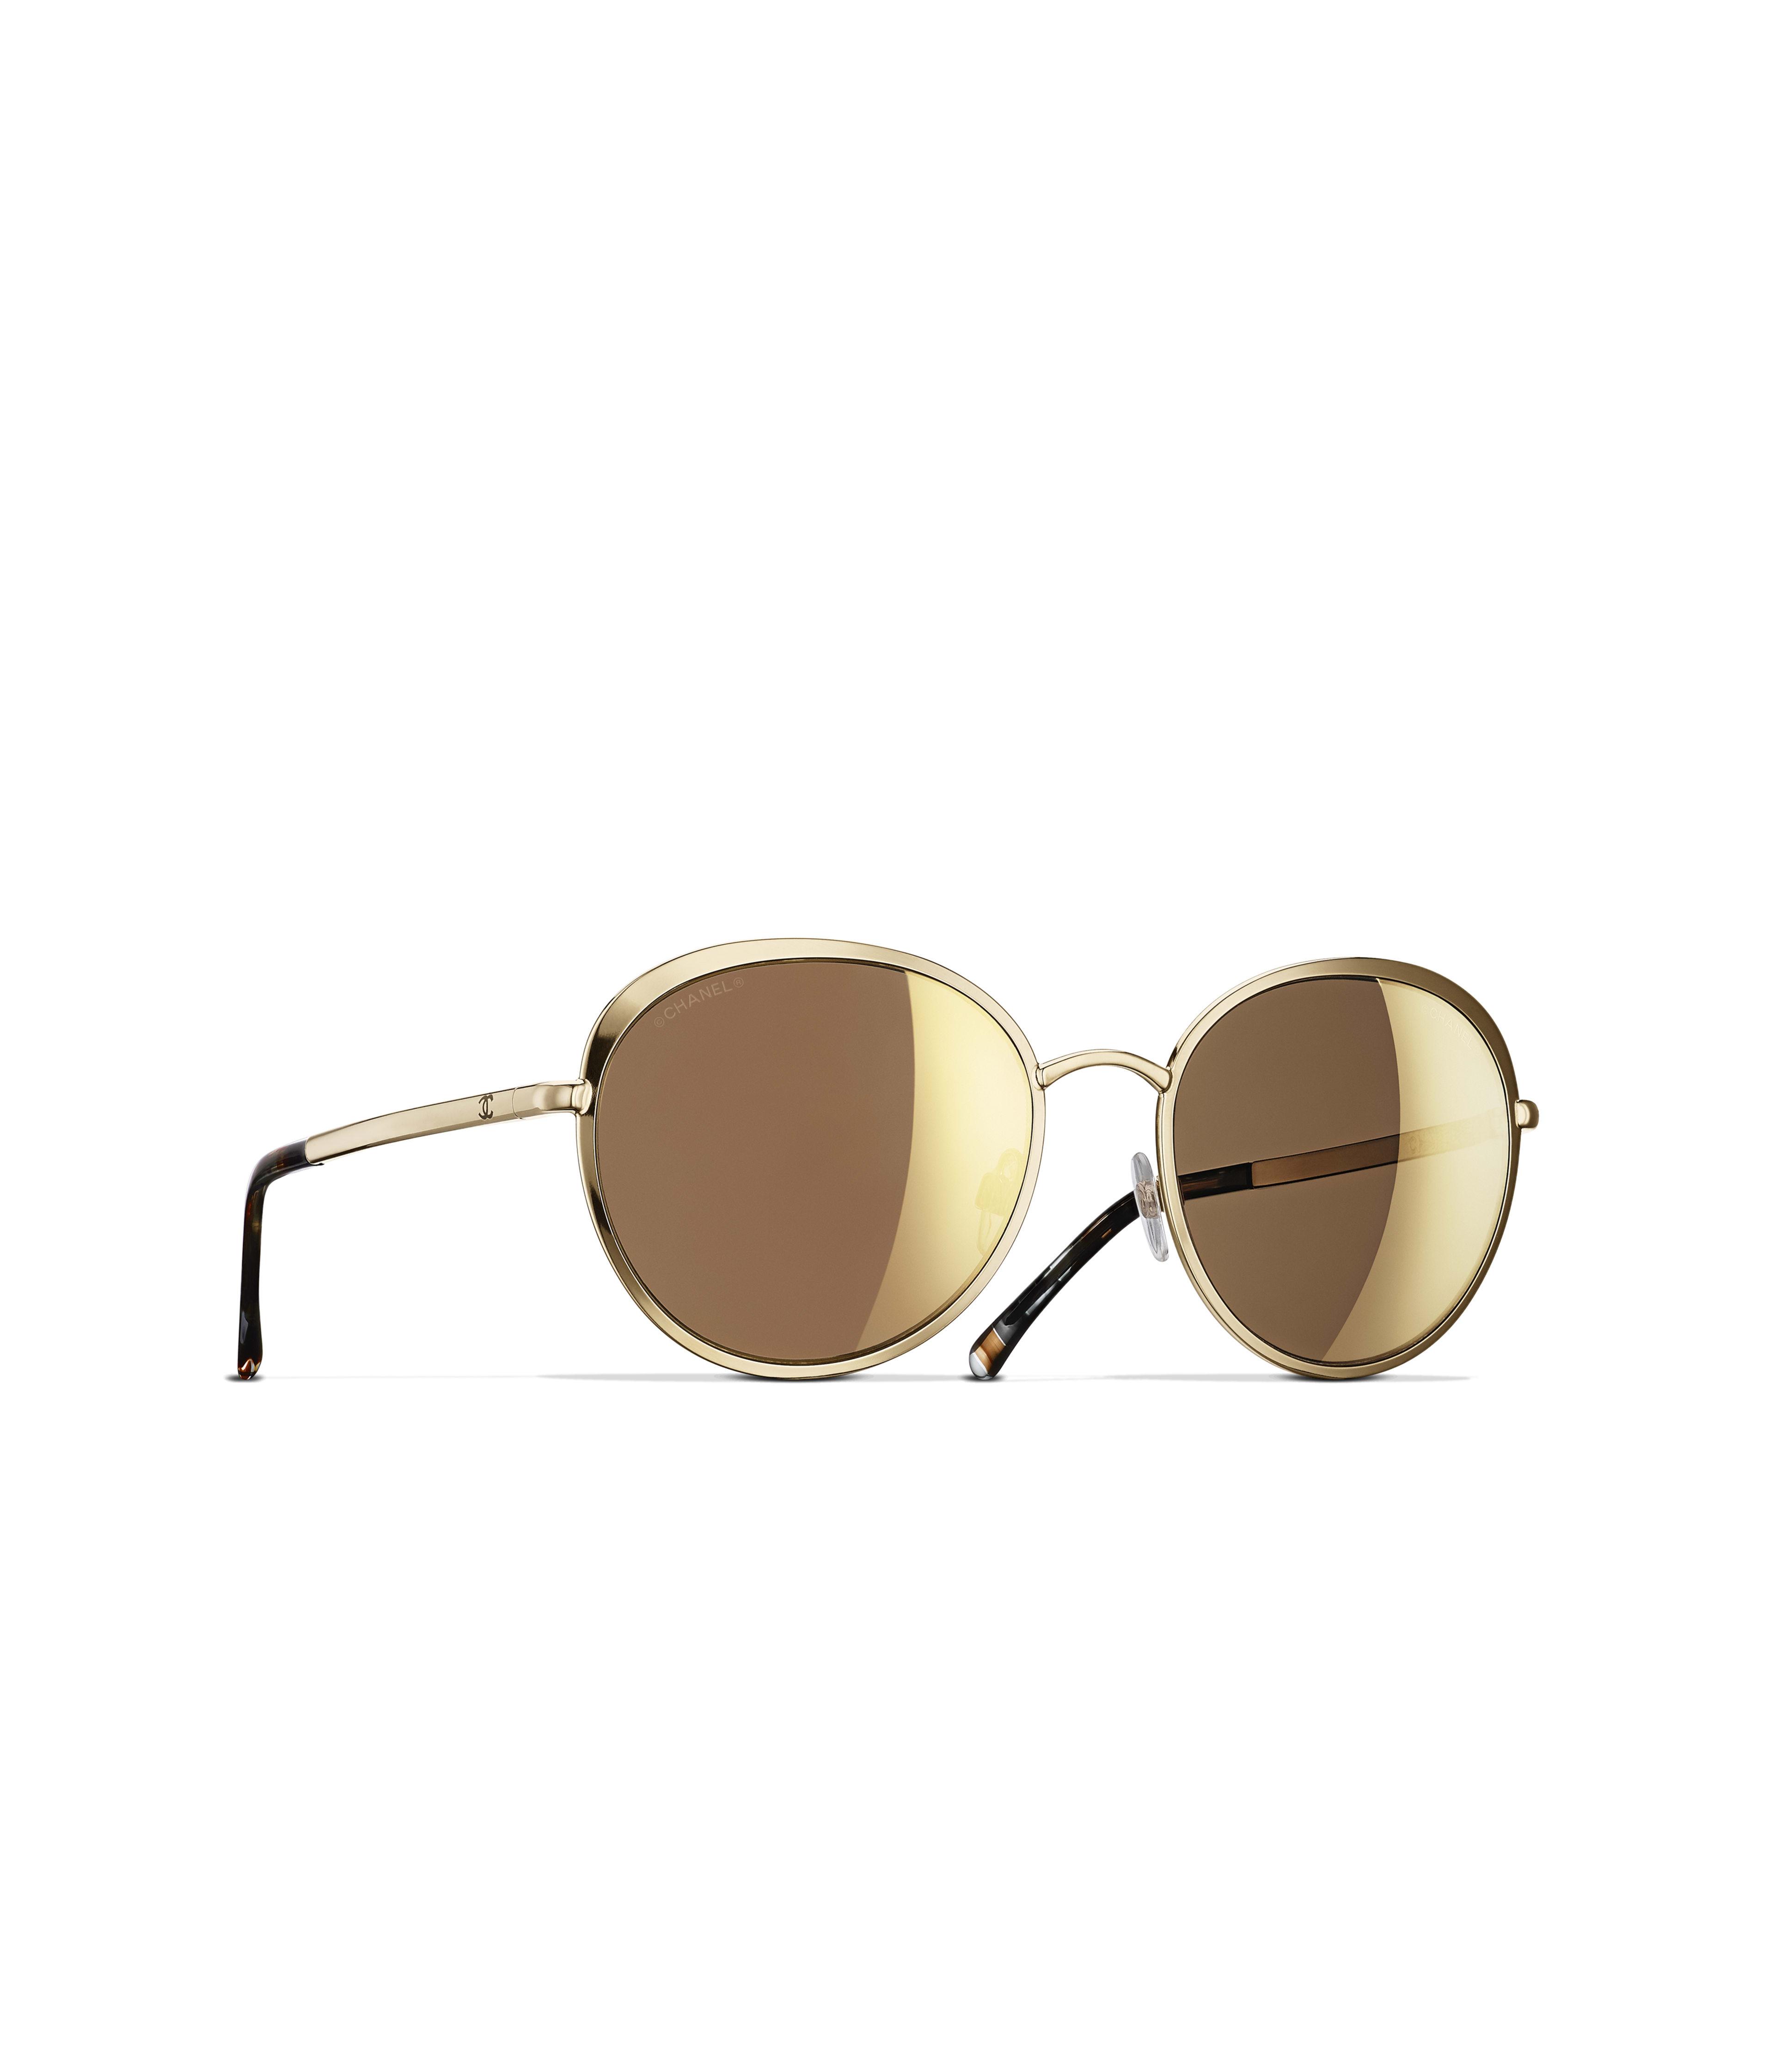 24c284ad09ef Round Sunglasses Ref. 4206 C395 T6